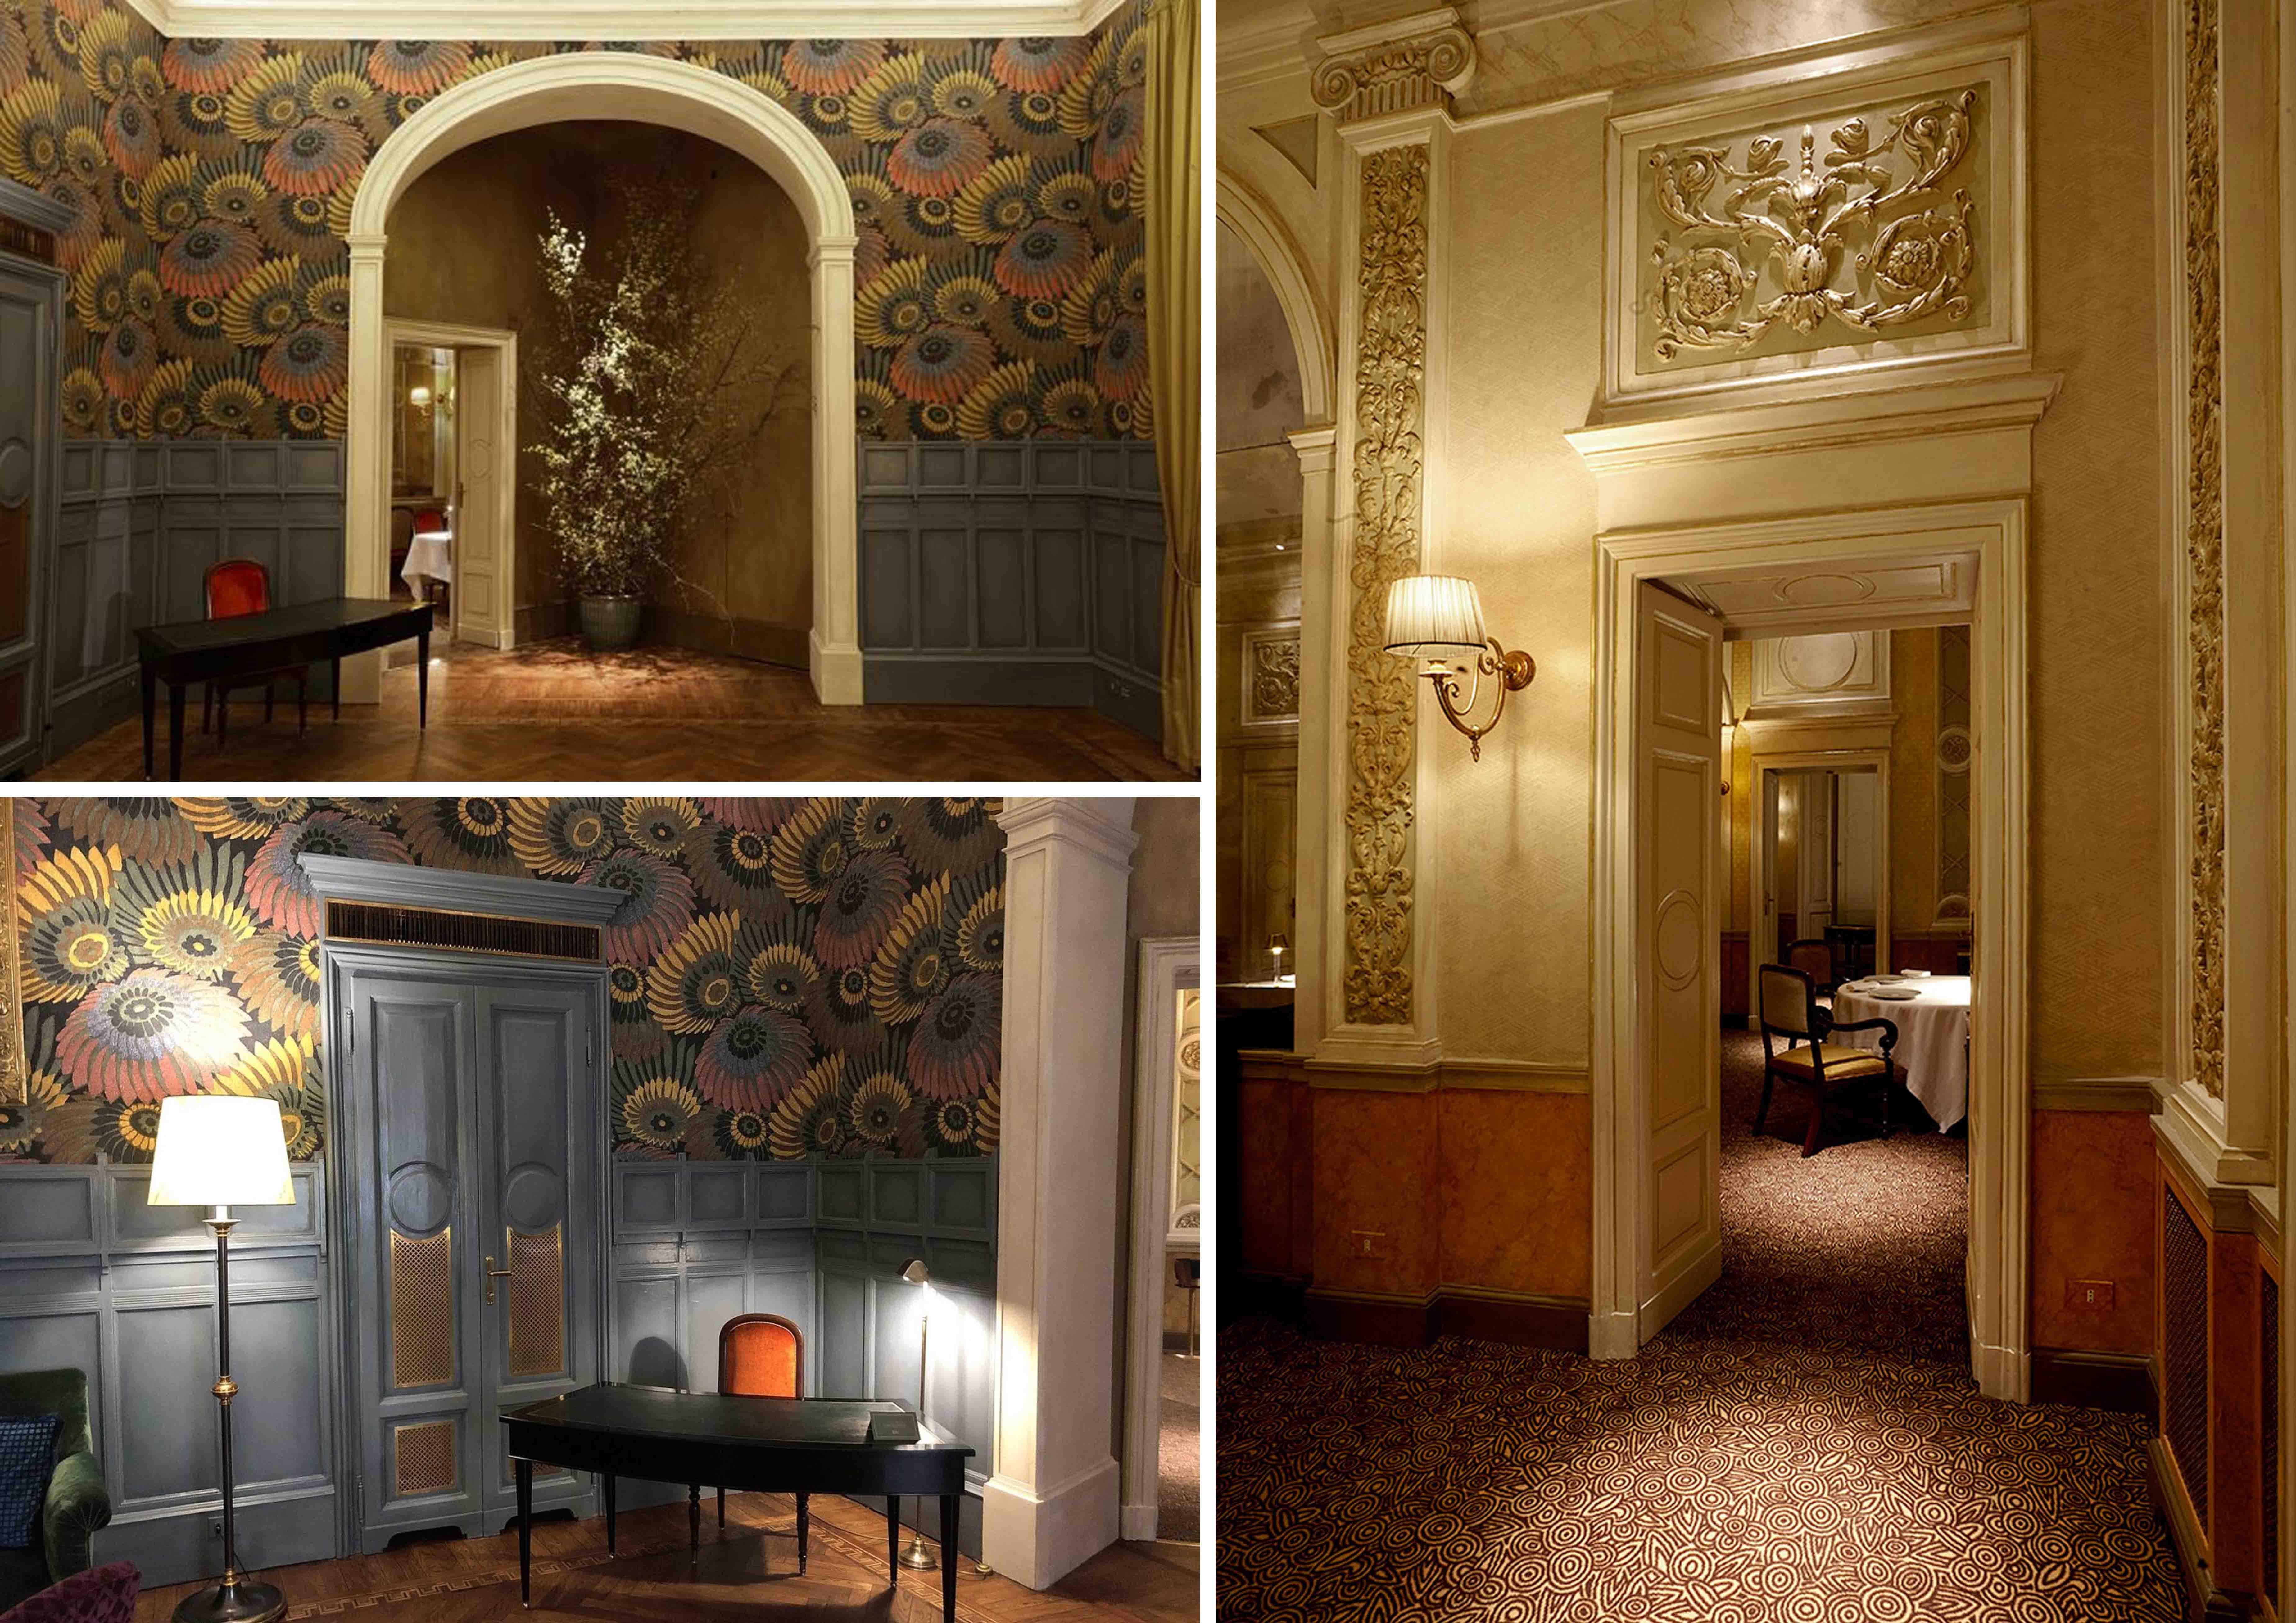 Architettura E Design galleria cracco, il nuovo ristorante condito con arte